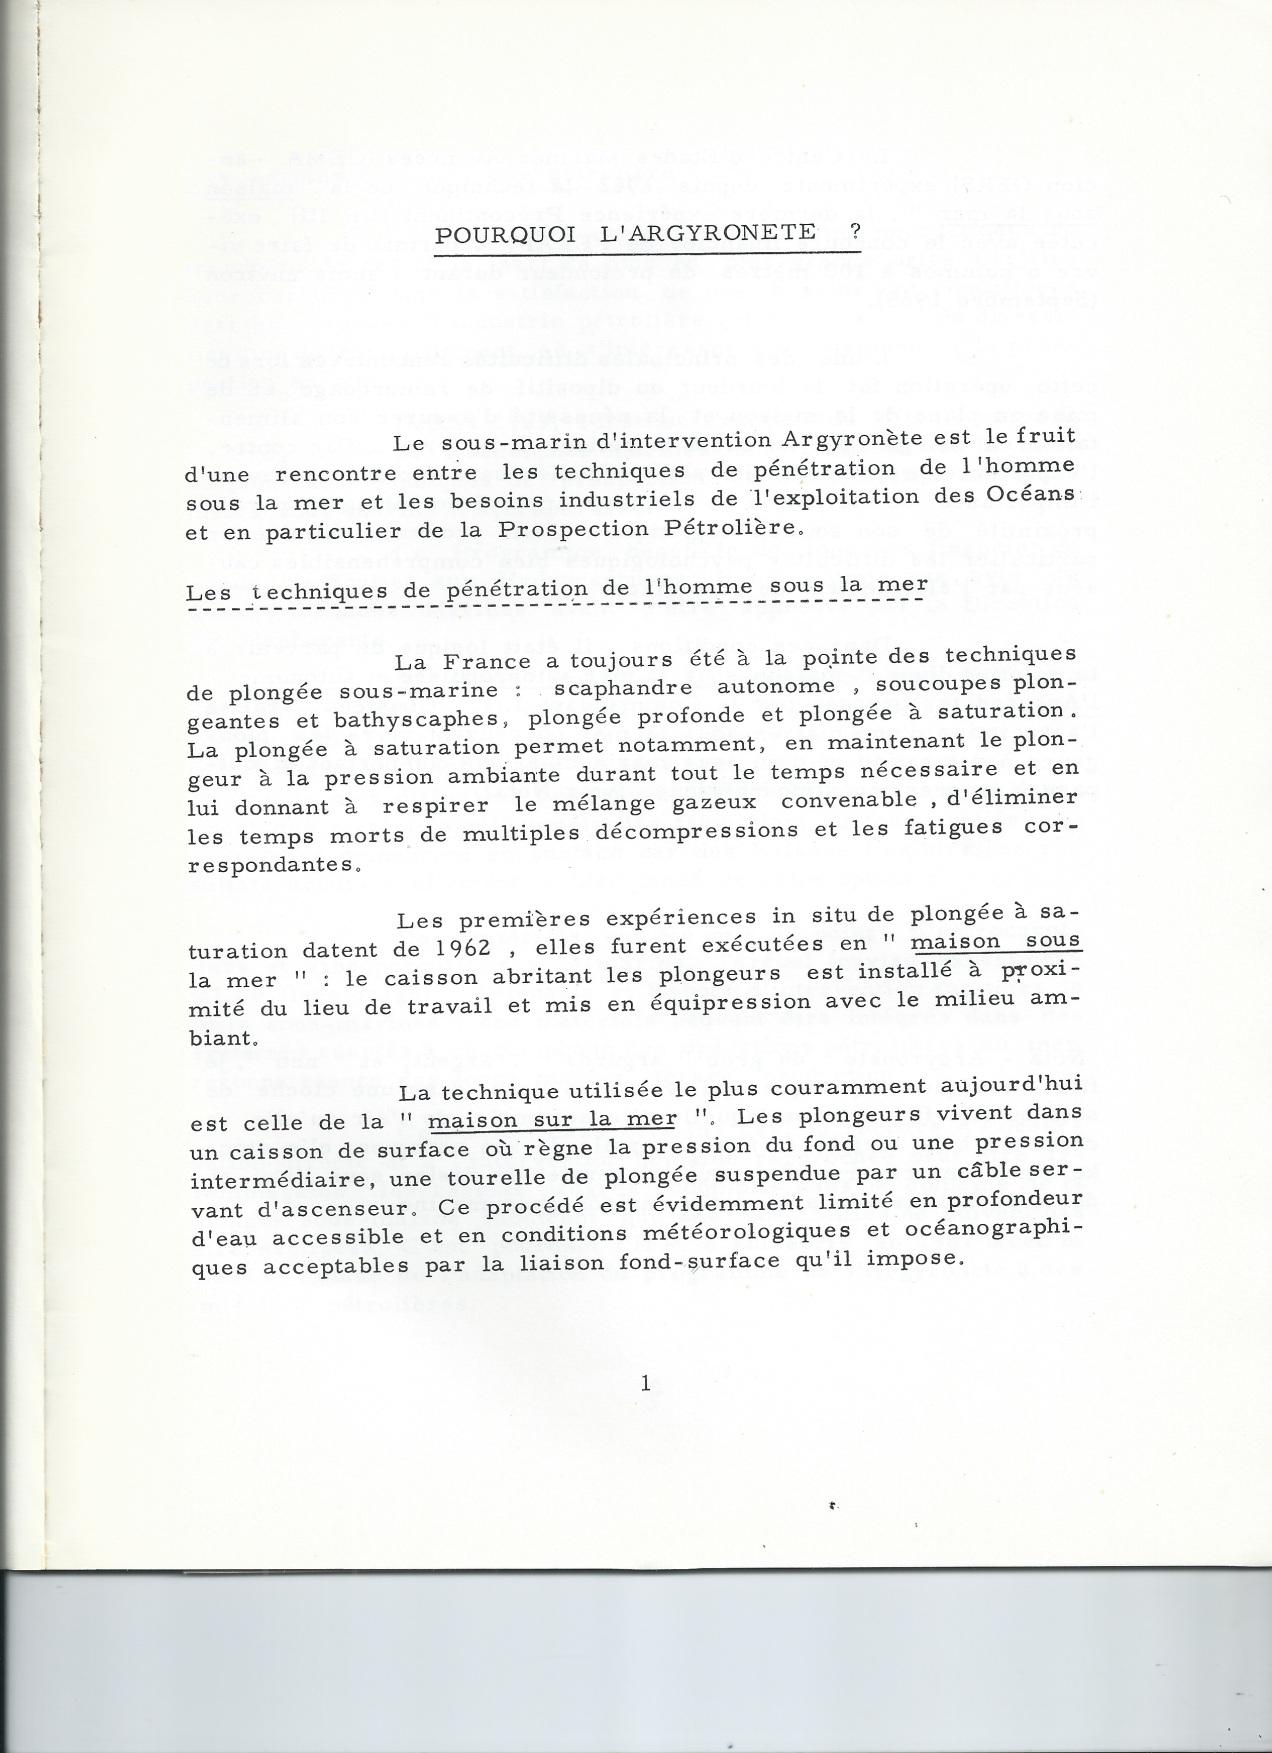 projet argyronete 1969_03